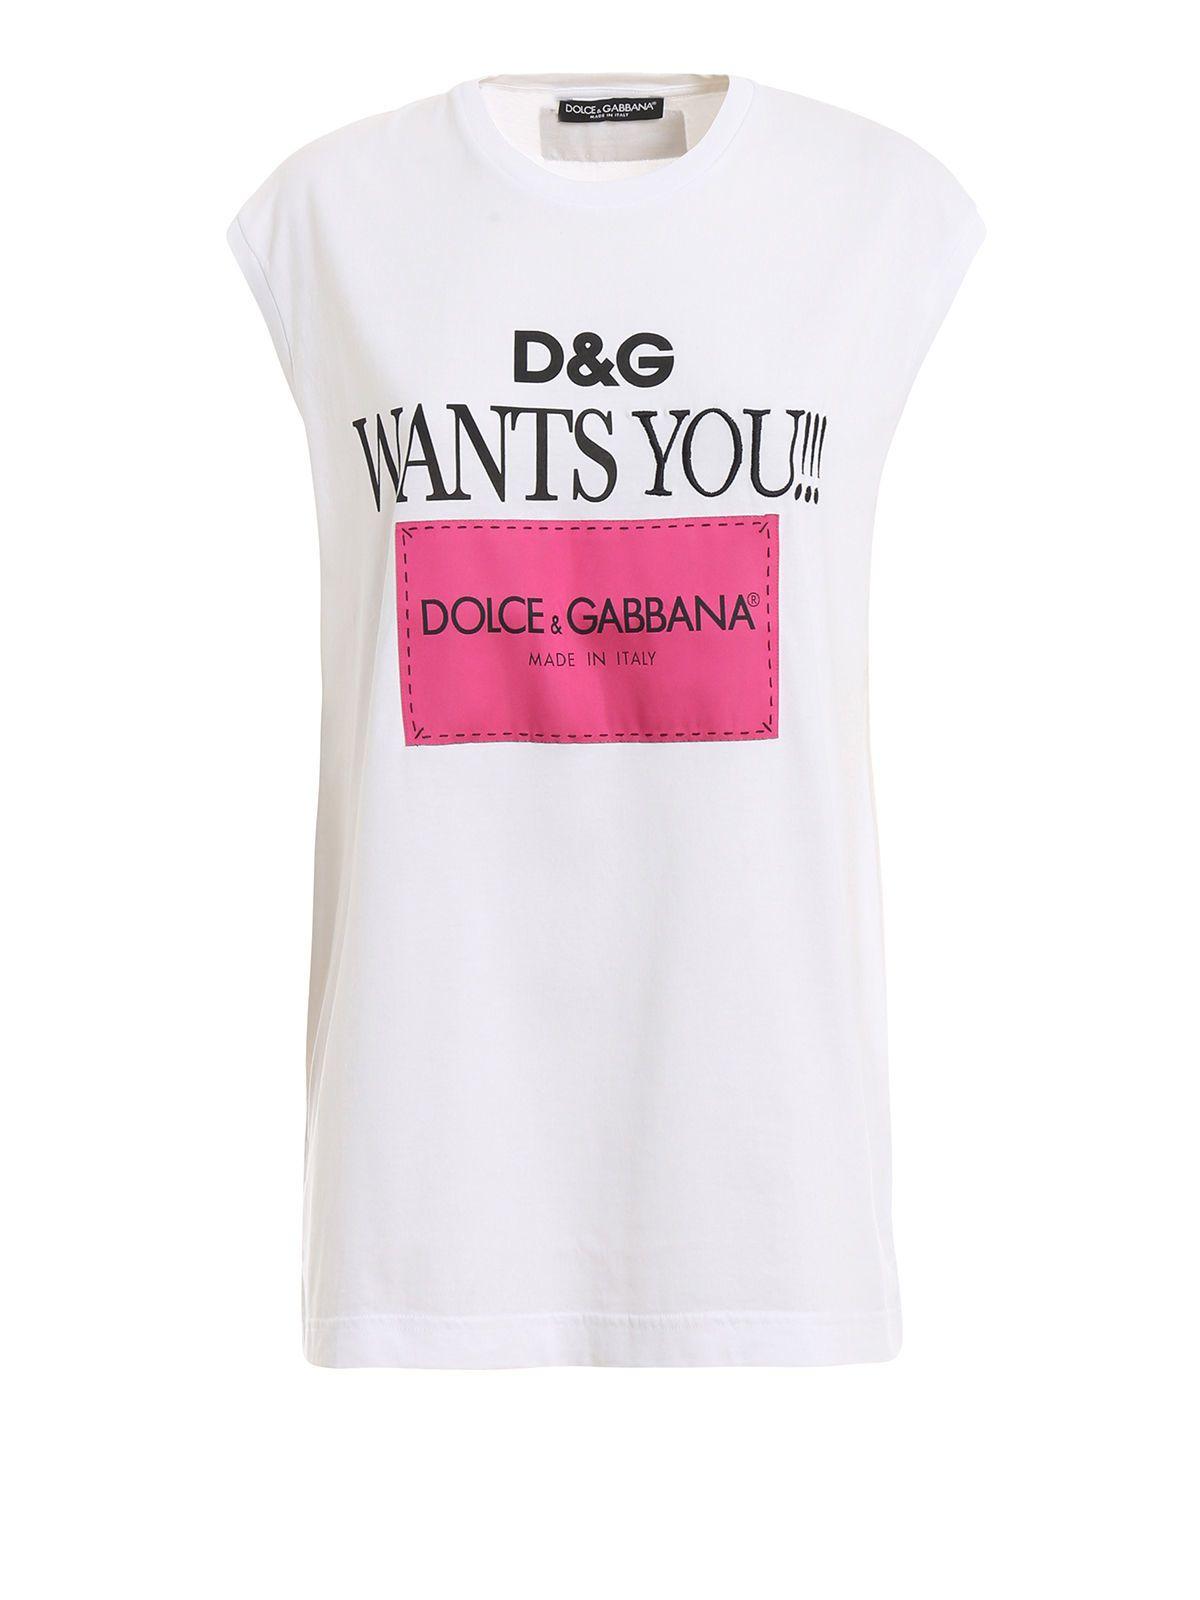 6c7988b4 Dolce & Gabbana Dolce & Gabbana Logo Print Sleeveless T-shirt - Dg ...